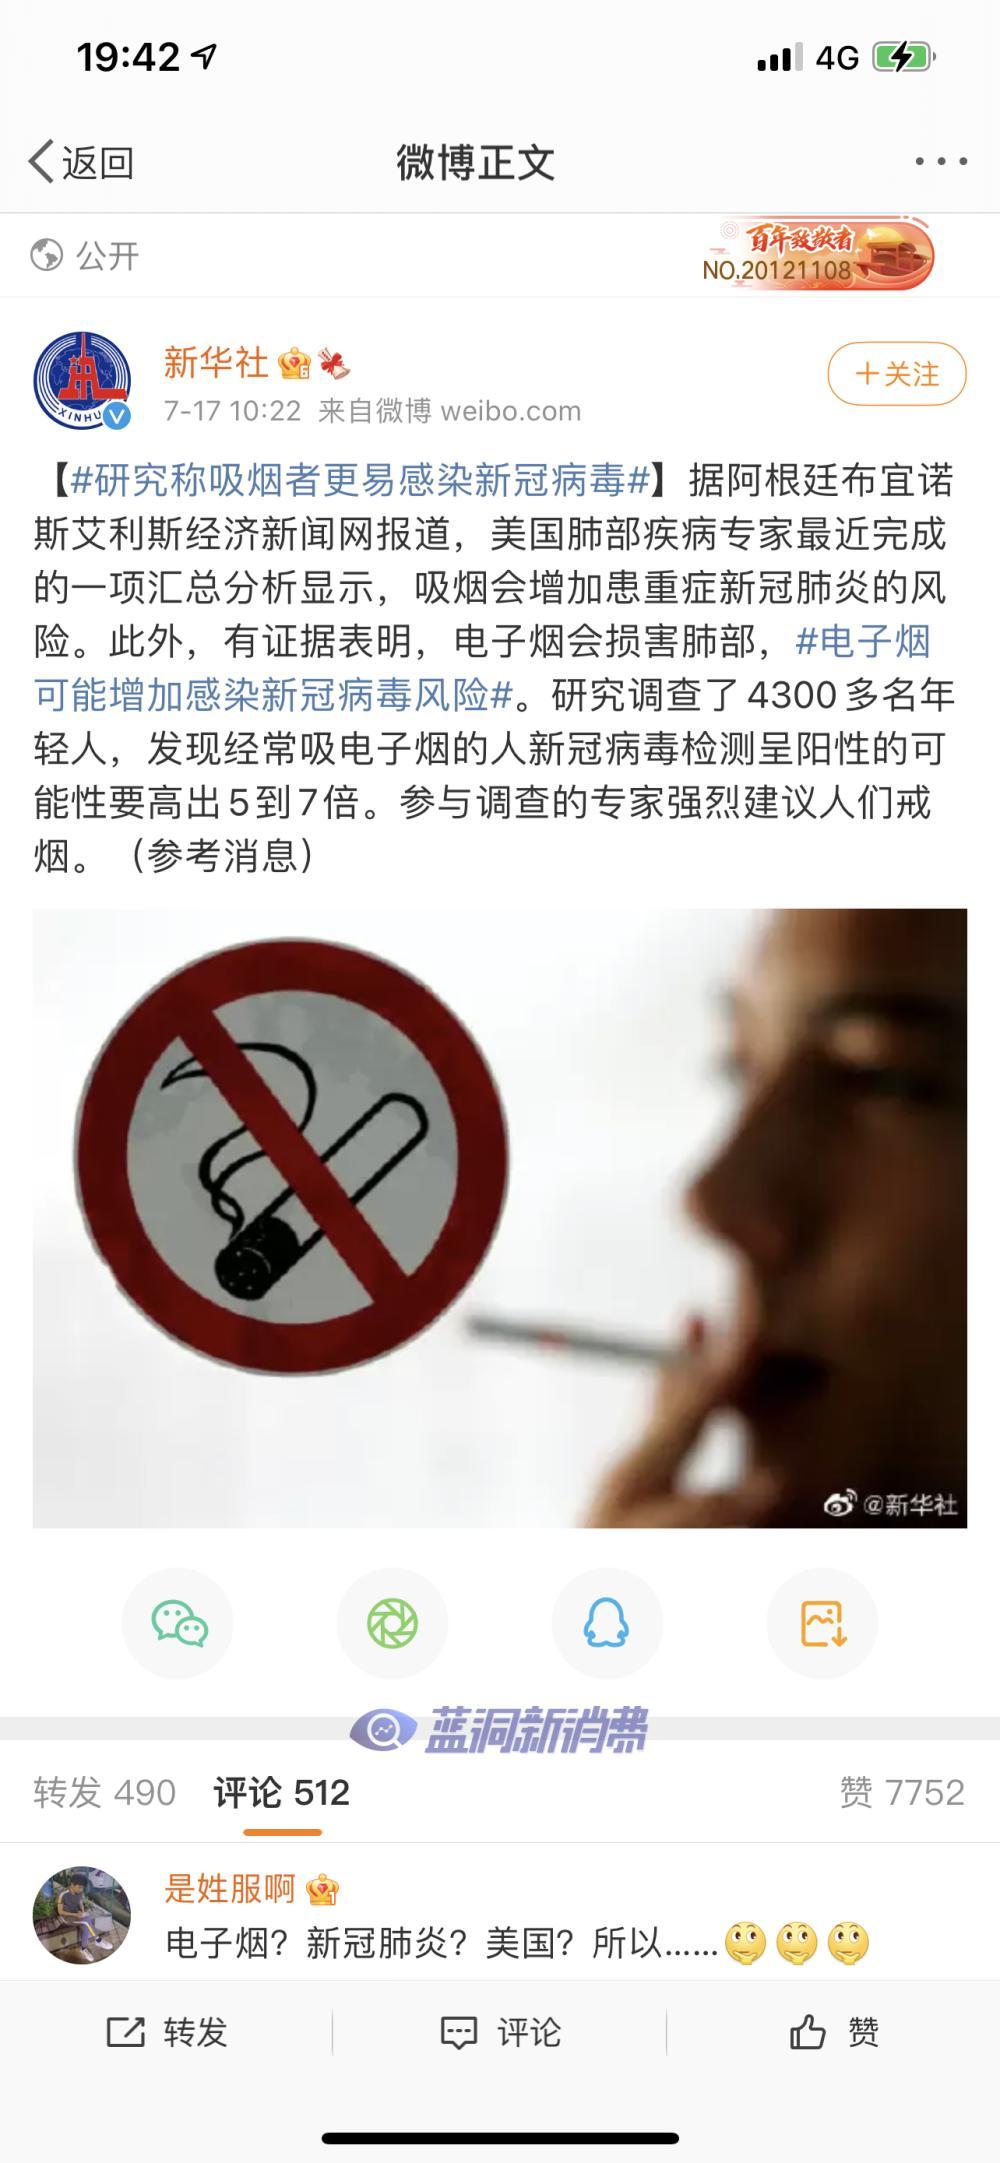 新华社发布电子烟可能增加感染新冠病毒风险话题登上热搜榜第13名